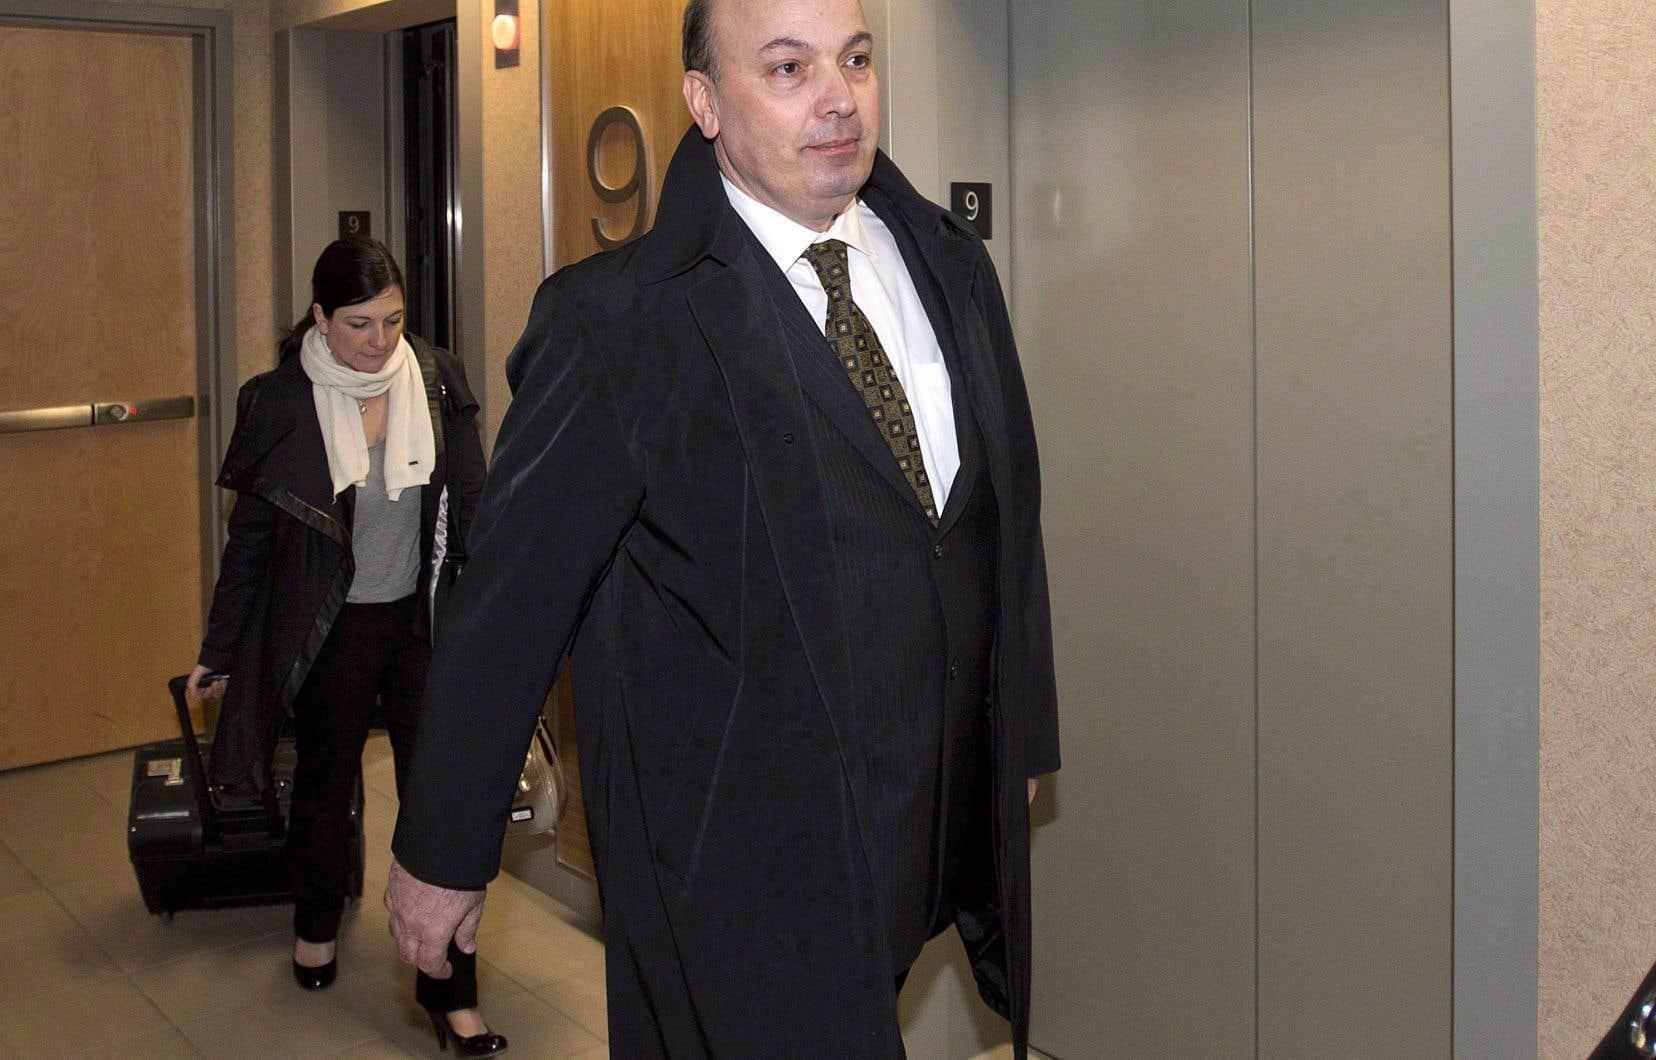 Frank Zampino en 2013. L'ex-président du comité exécutif de la Ville de Montréalétait notamment accusé de fraude et d'abus de confiance.